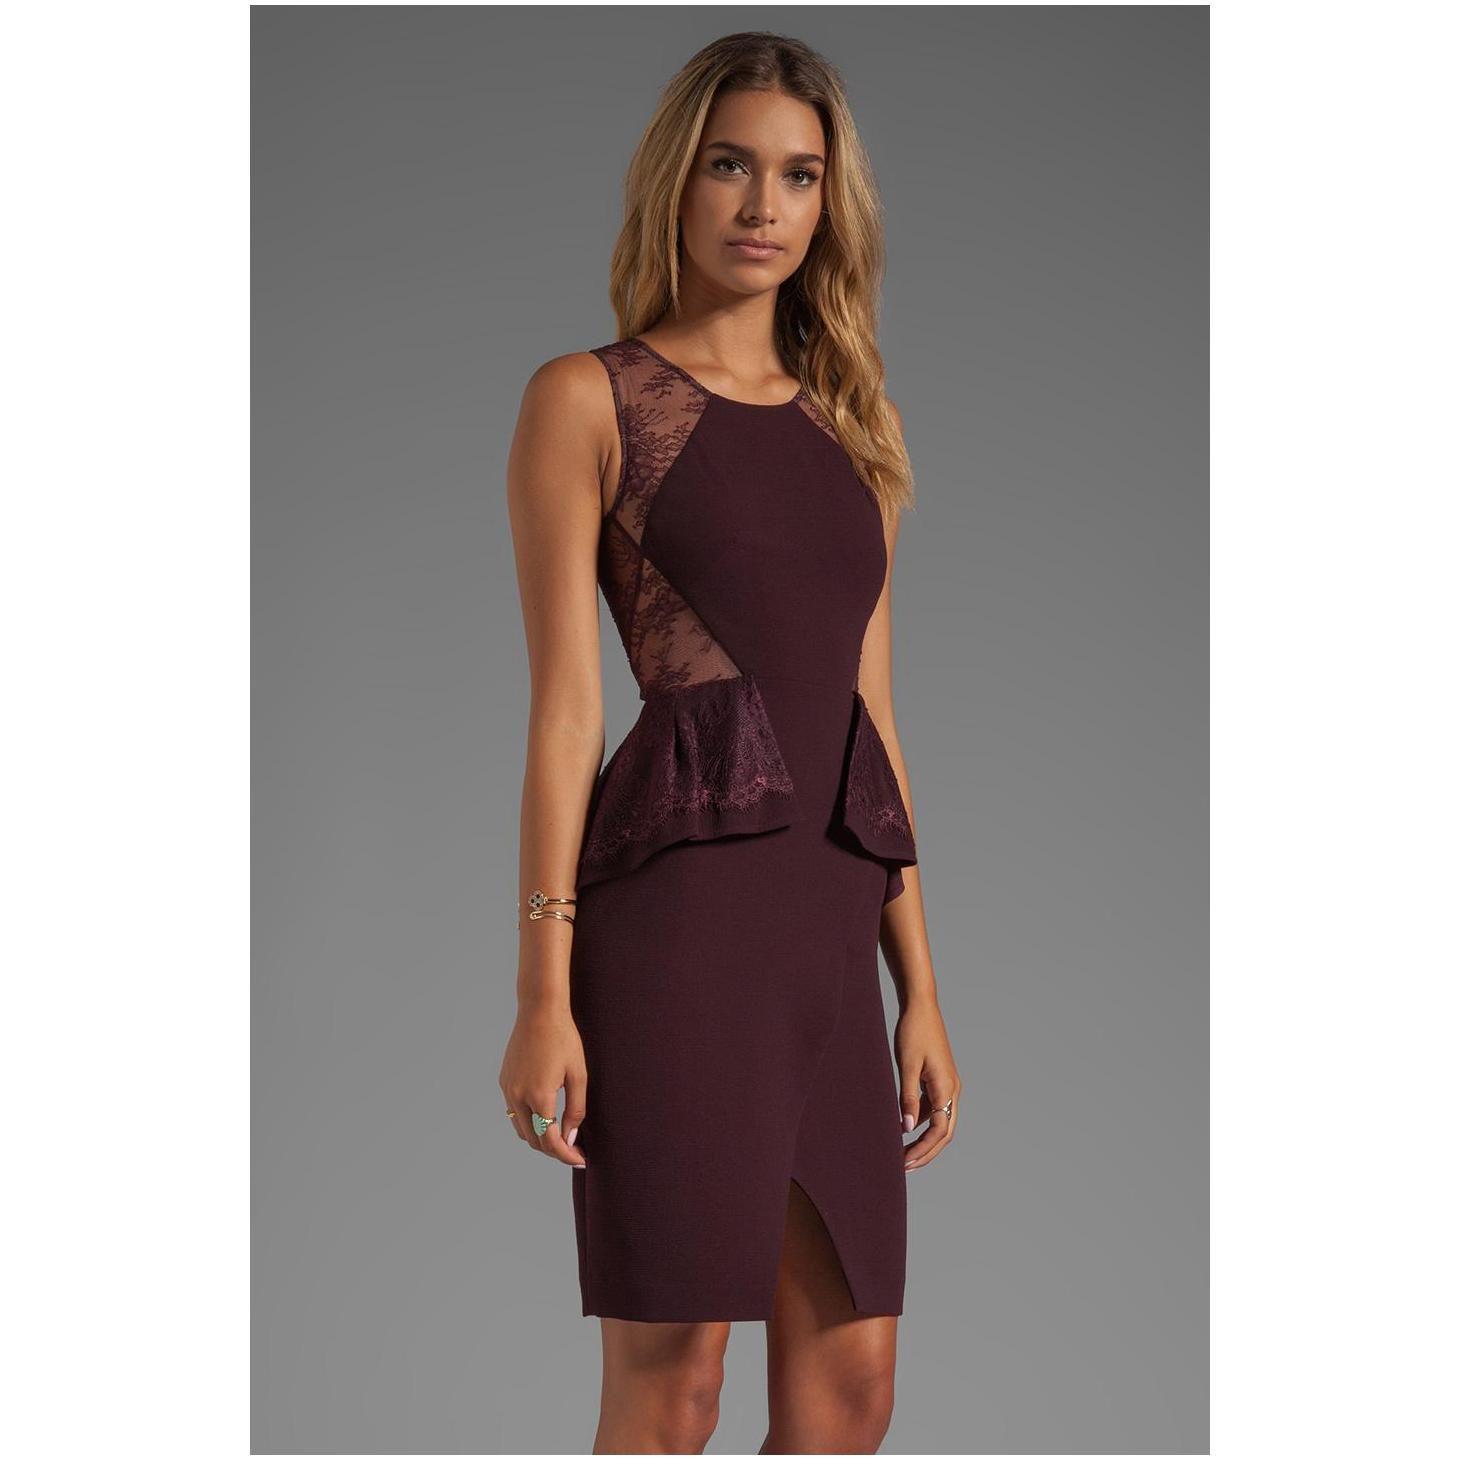 7ecc77a180f Robe cocktail bcbg max azria – Robes à la mode et populaires 2018